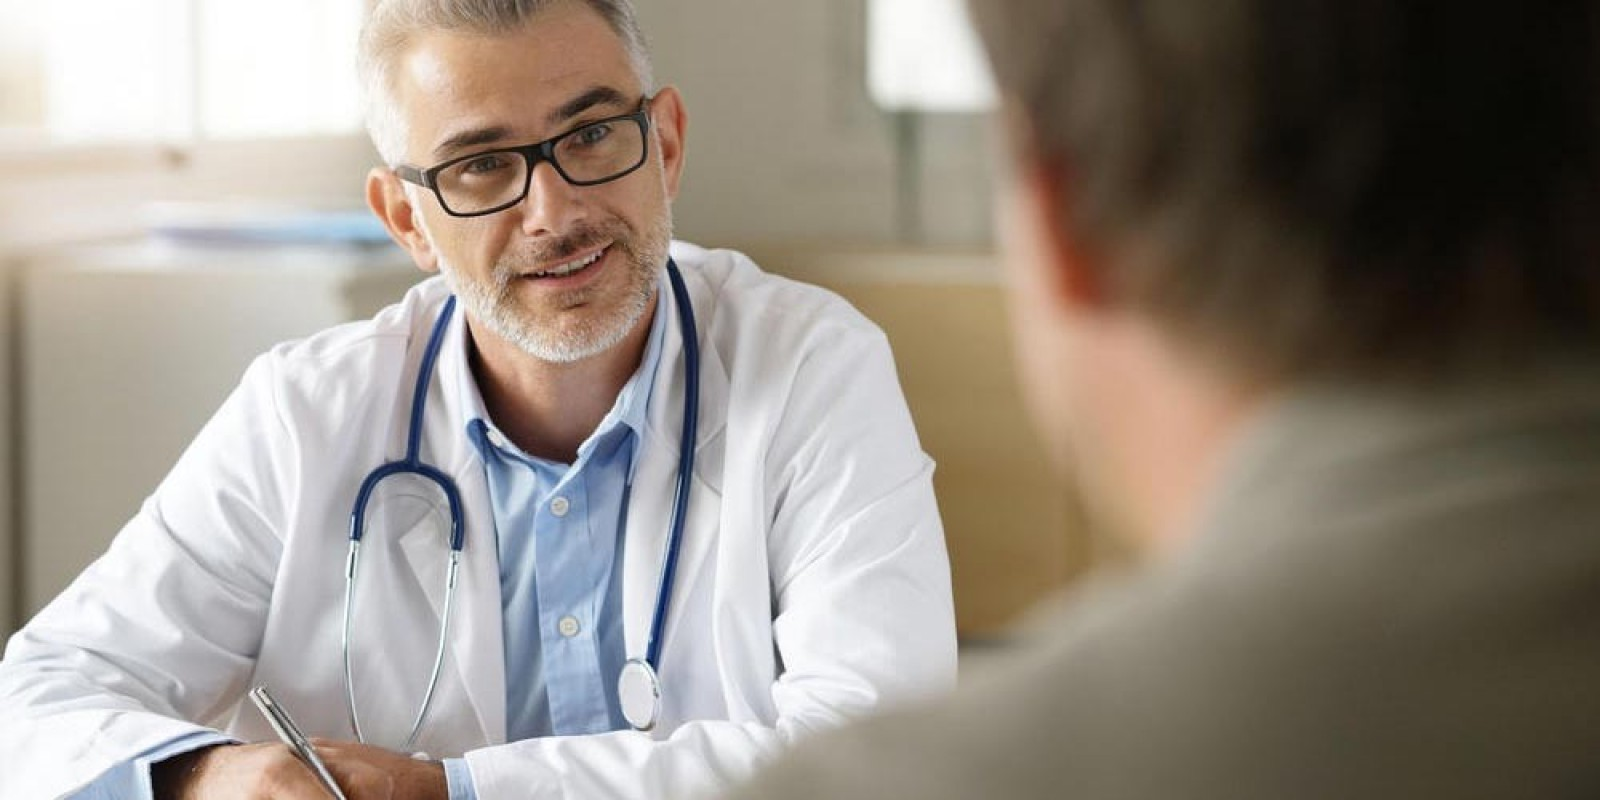 15 de Julho Dia do Homem - Conheça as principais doenças da próstata e seus tratamentos